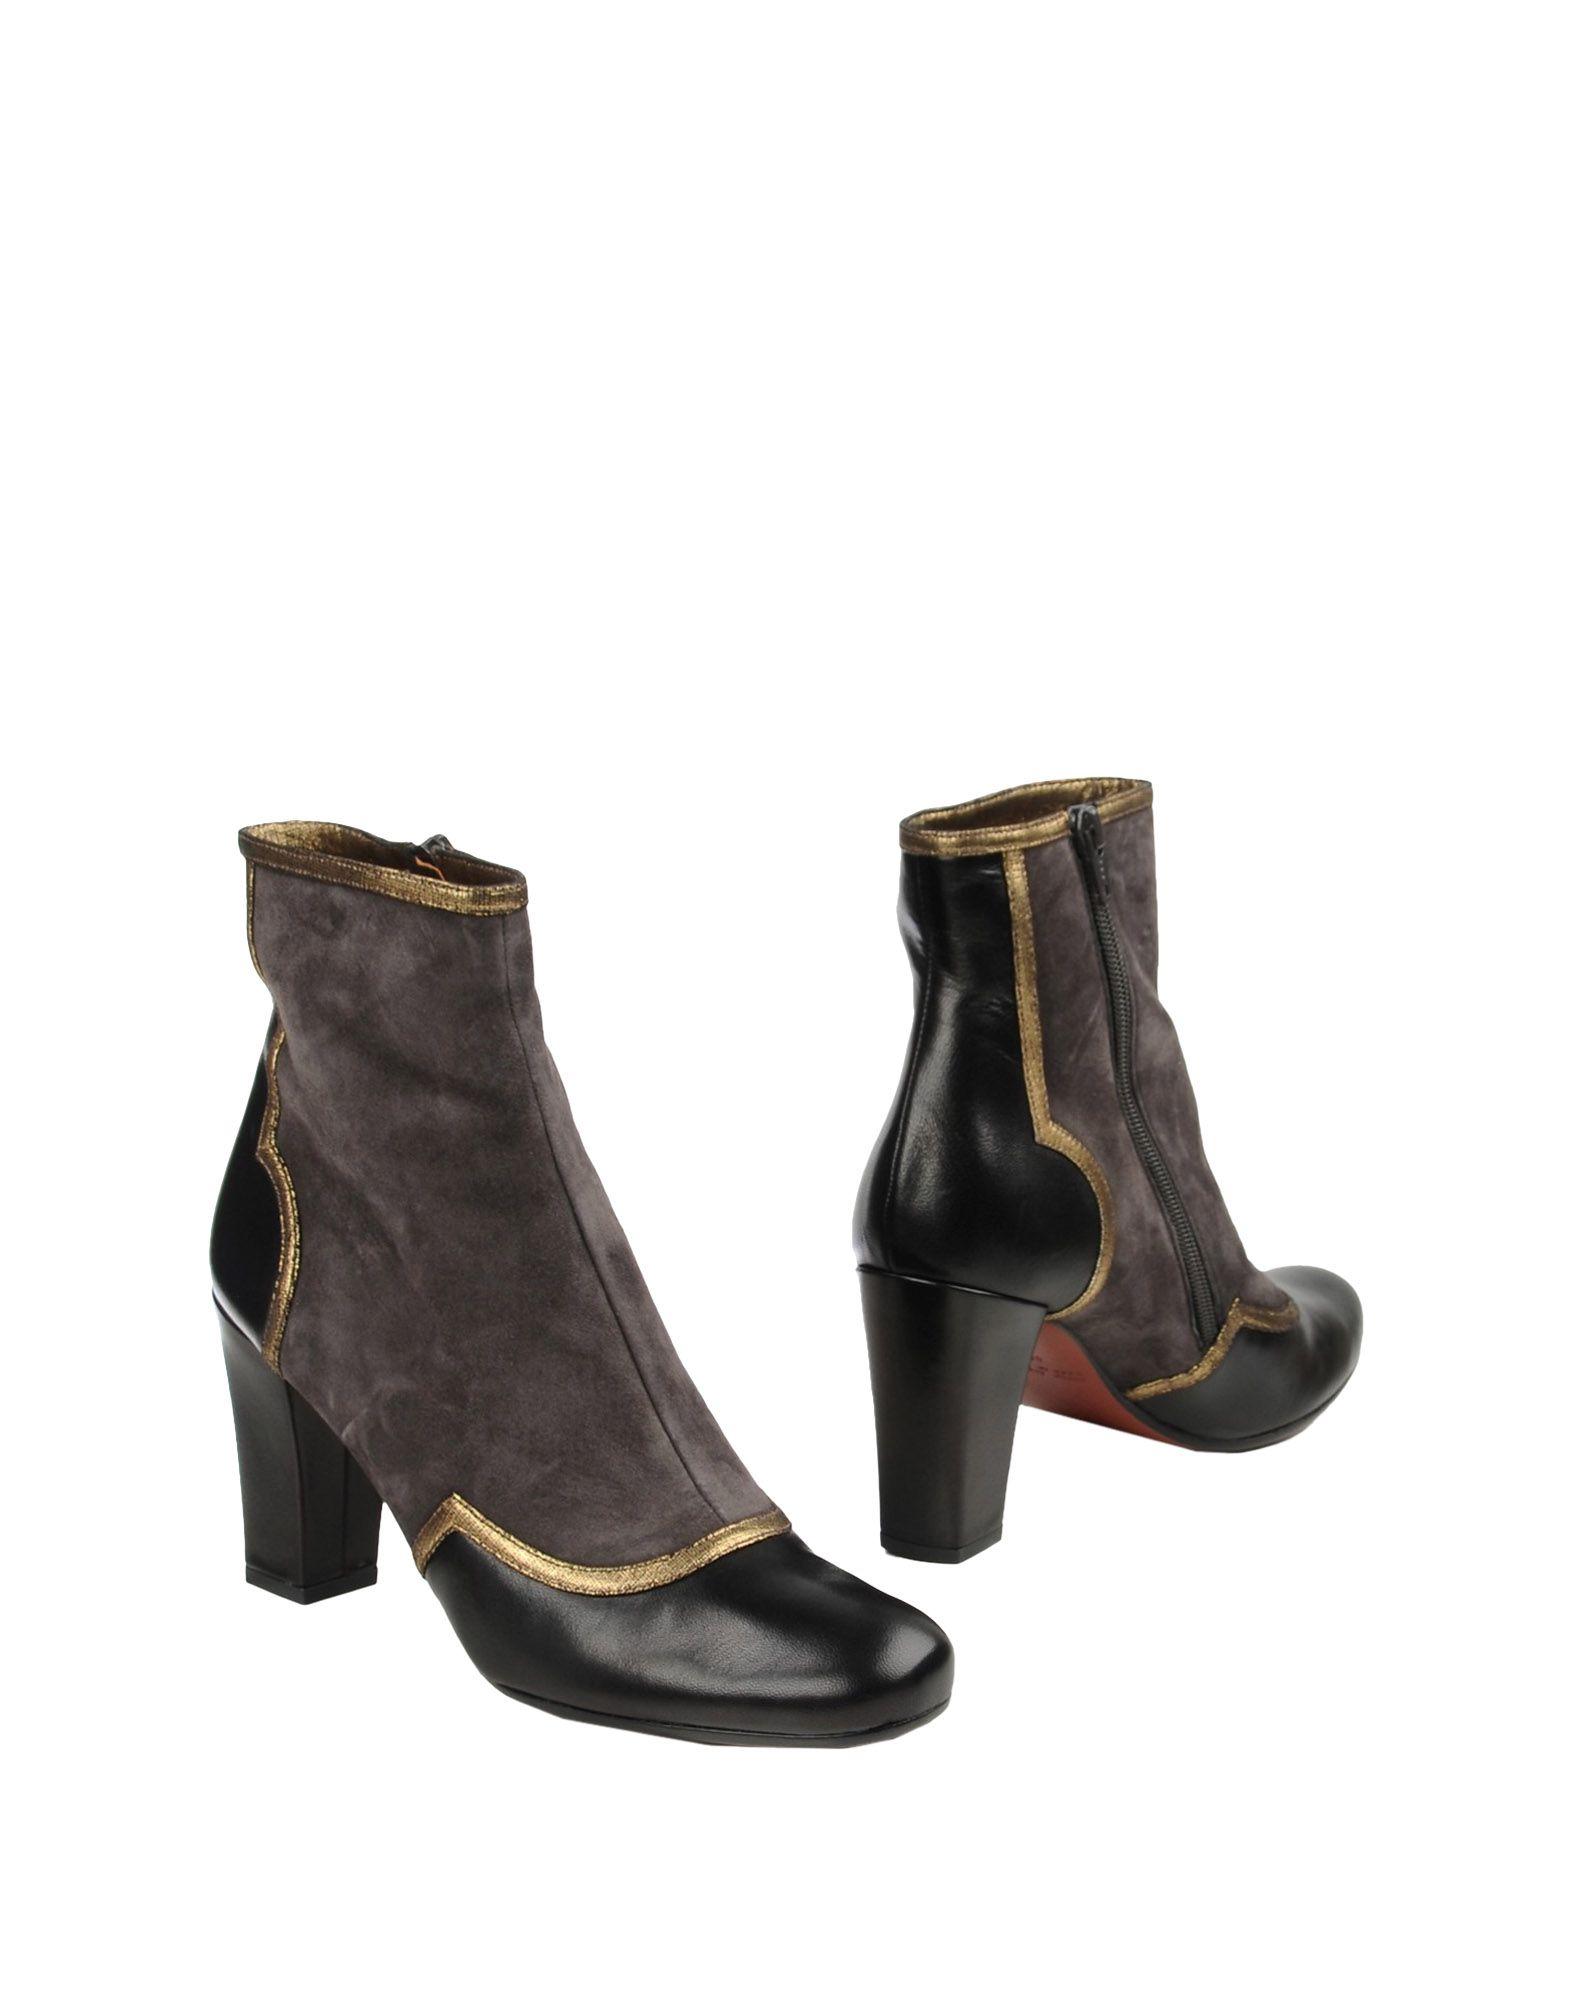 Chie Mihara Stiefelette Damen  11350516HBGünstige gut aussehende Schuhe